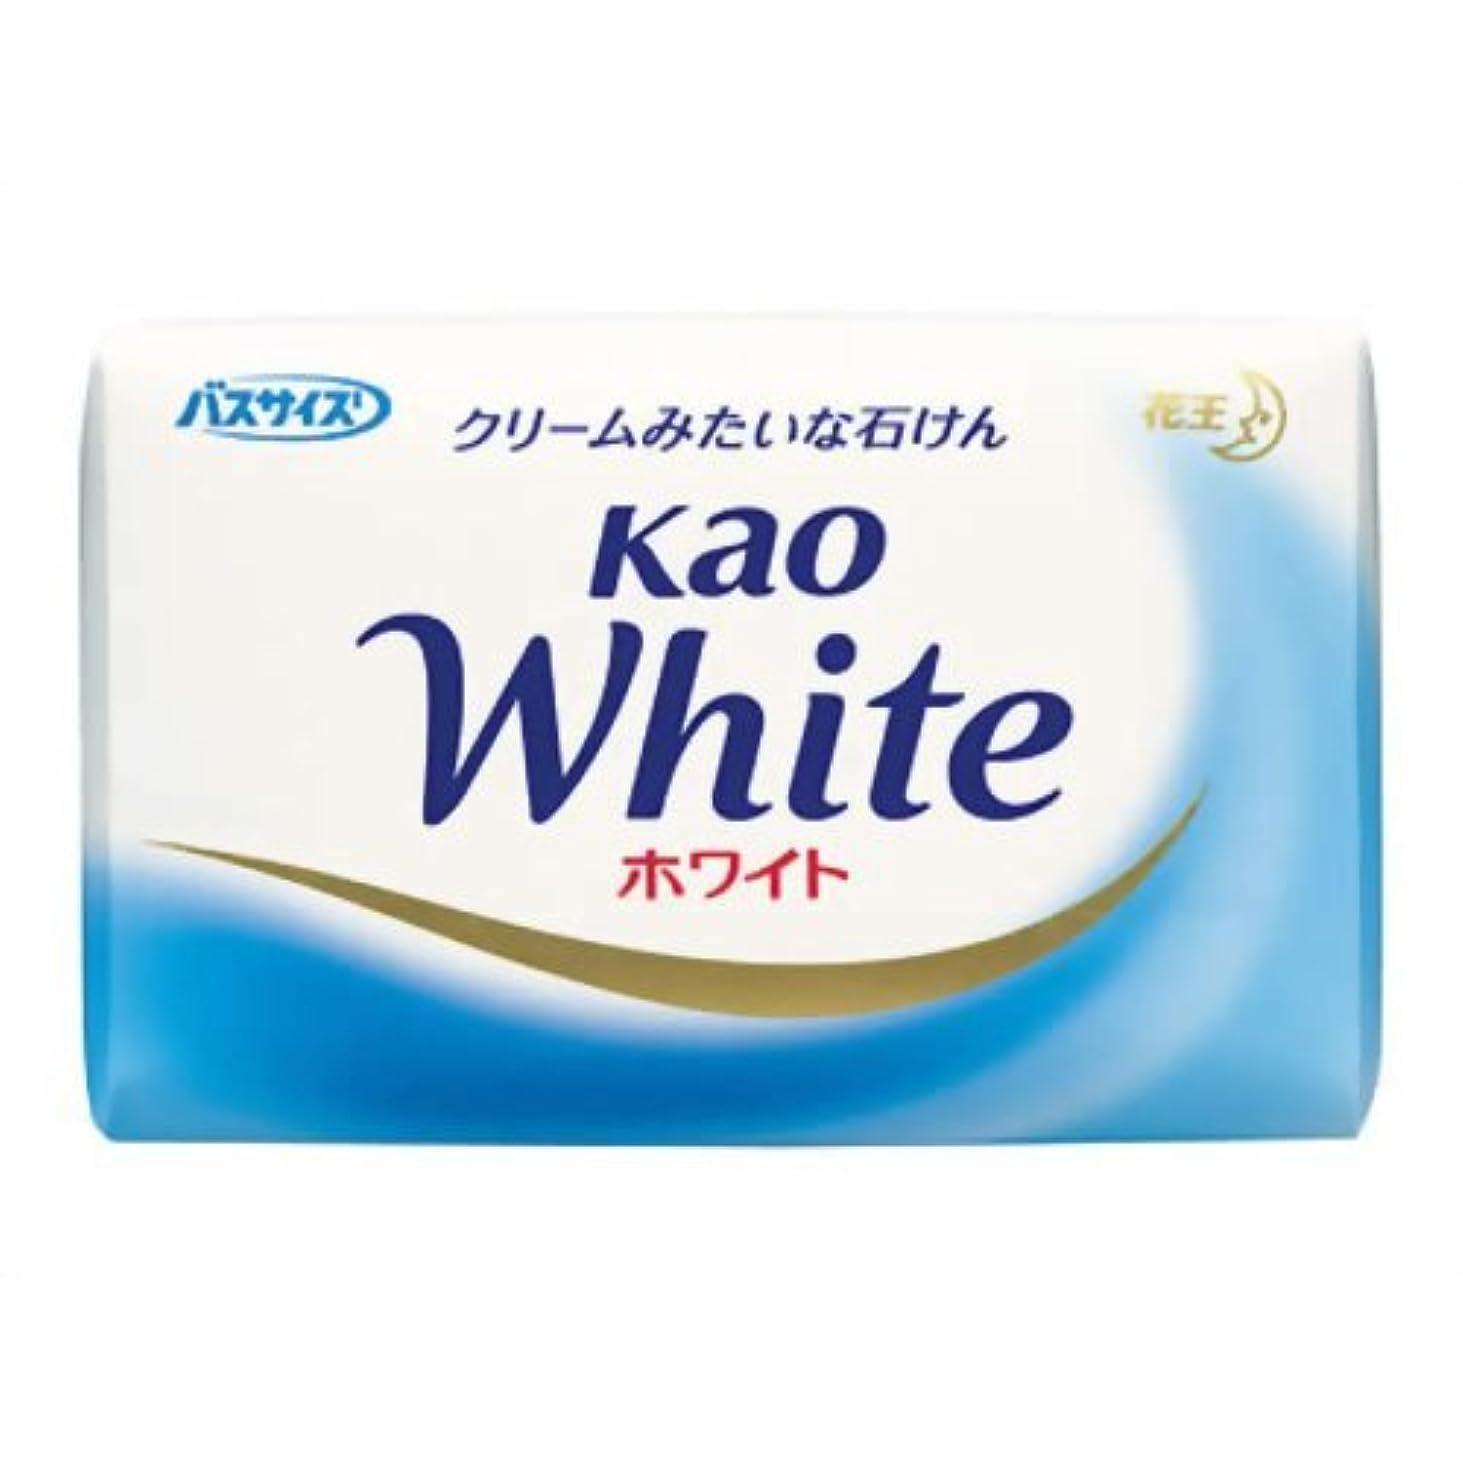 酔うアテンダントパーツ花王ホワイト バスサイズ